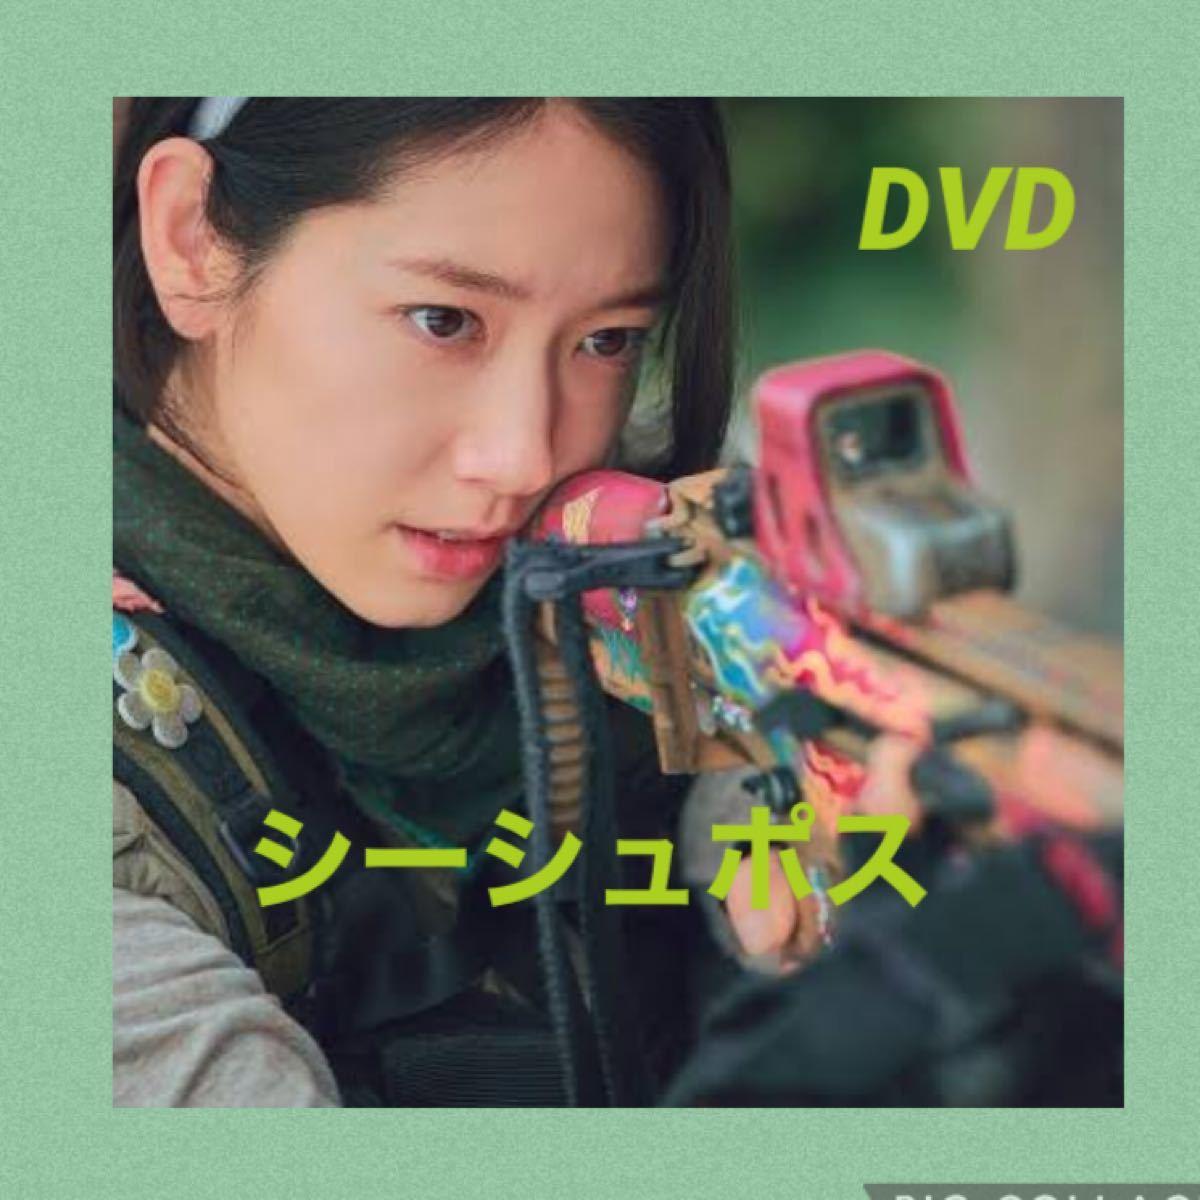 韓国ドラマ シーシュポス DVD全話【レーベル印刷あり】8/10日ご購入分から16日より順次発送致します。